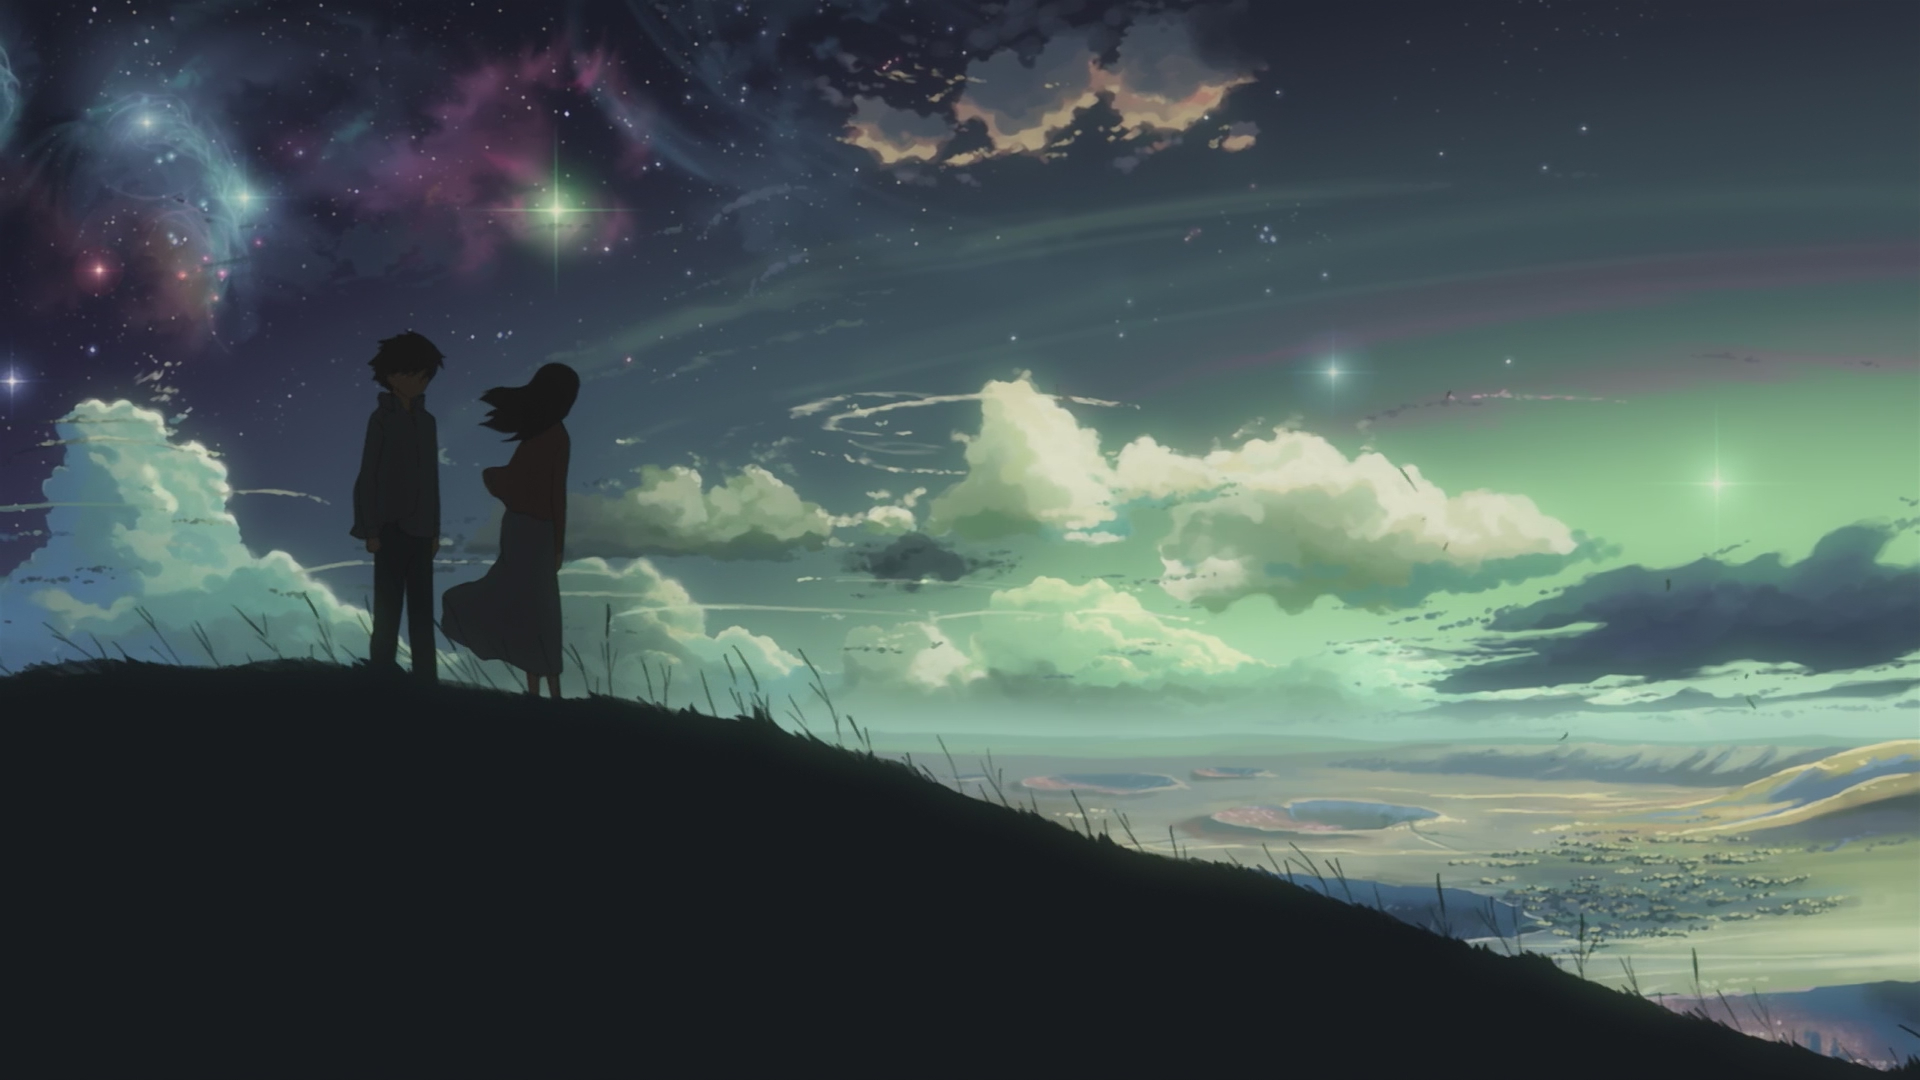 Anime Sky Centimeters Per Second Wallpapers Hd Desktop And intérieur Fond D'Ecran Hd Themes Elie S Book